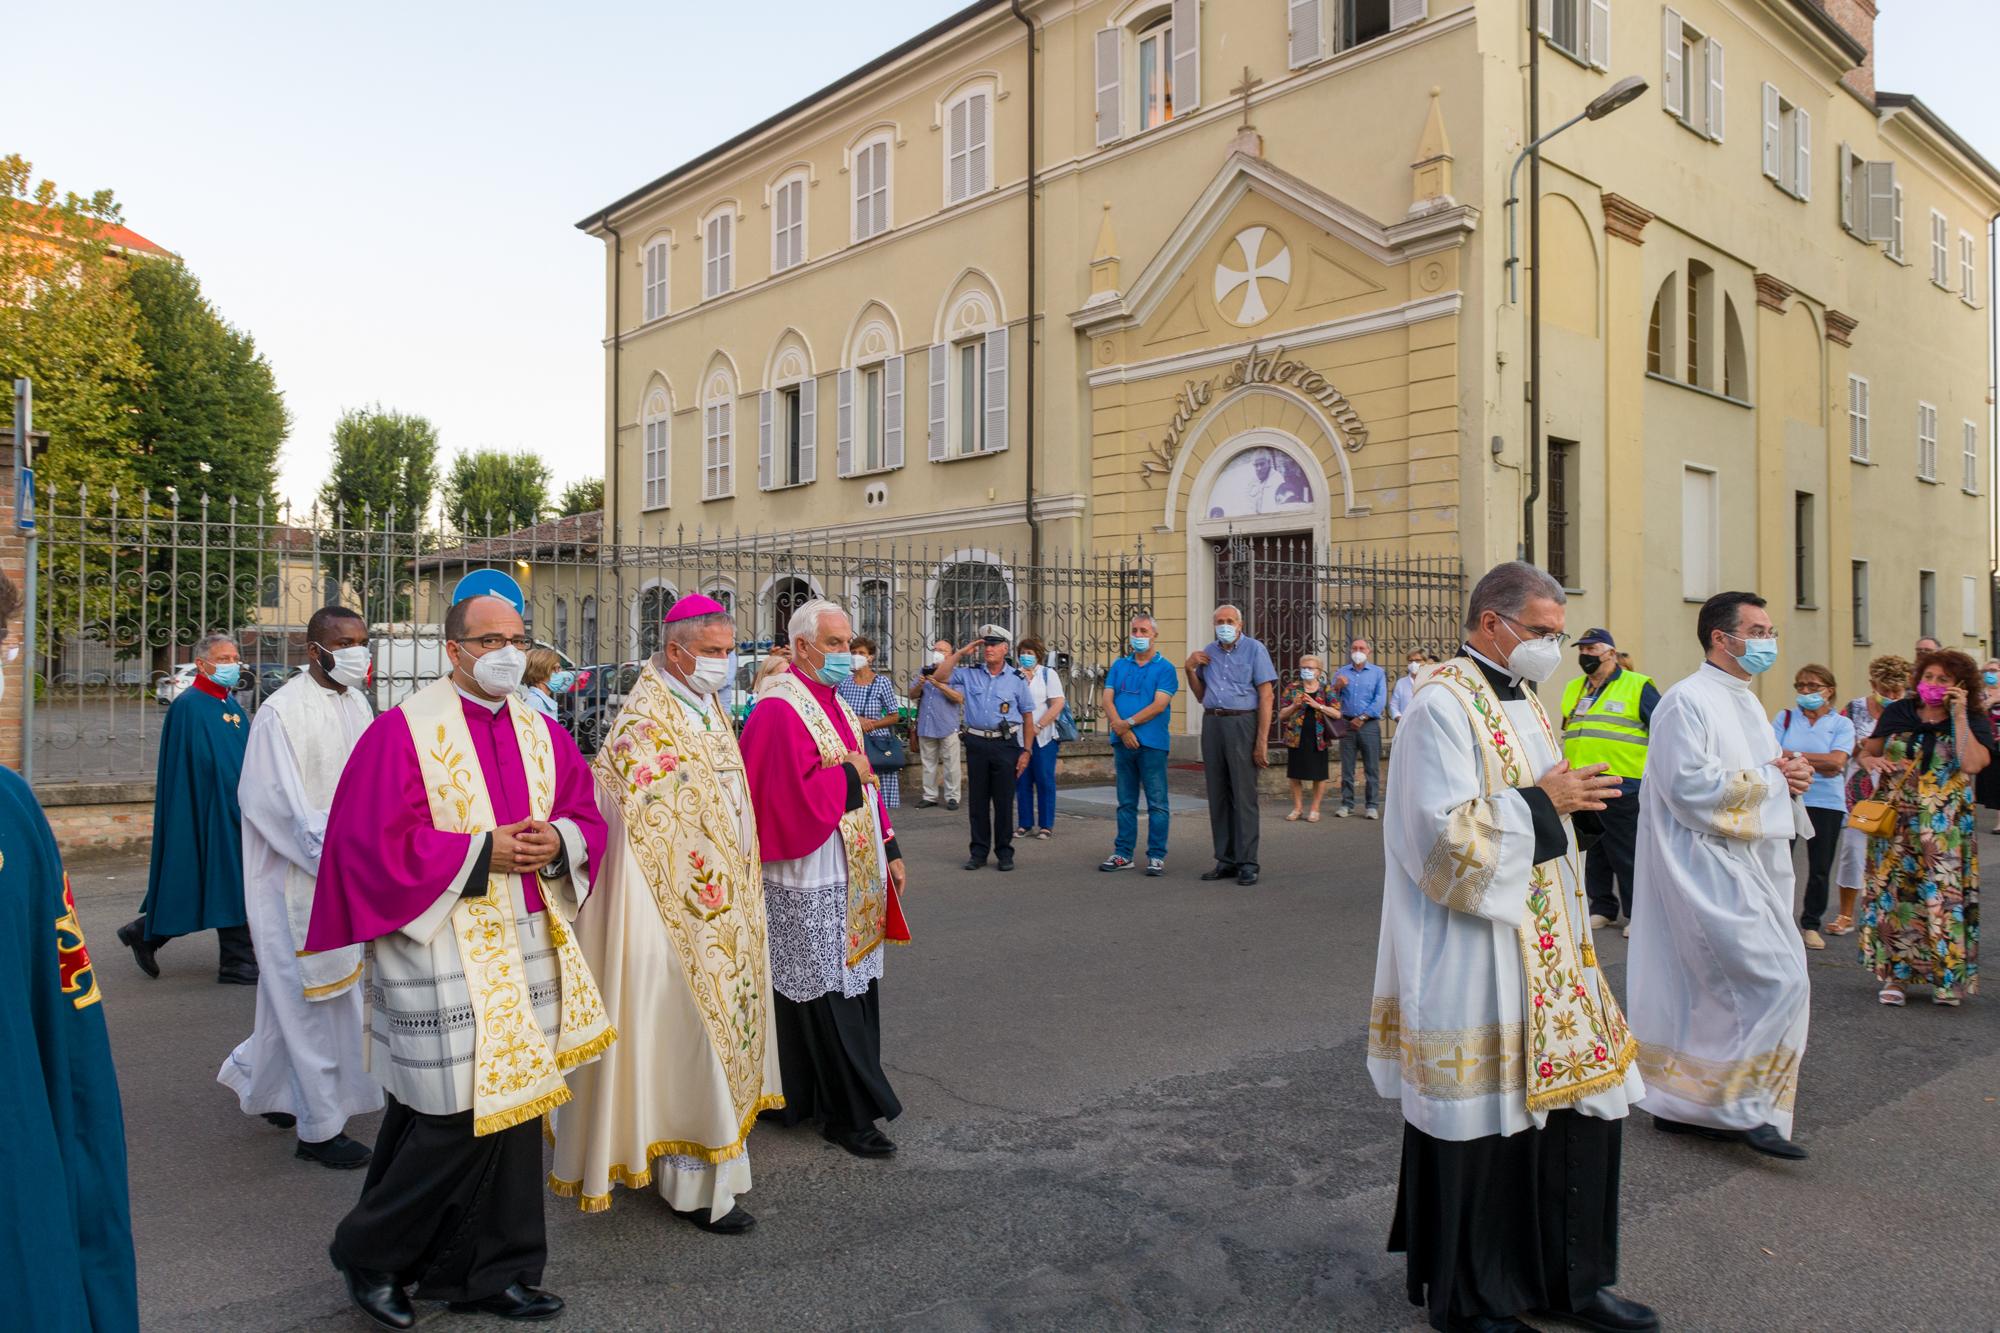 29-agosto-2021-Viola-17-e-processione-MdG-–-FOTO_mdg_-84